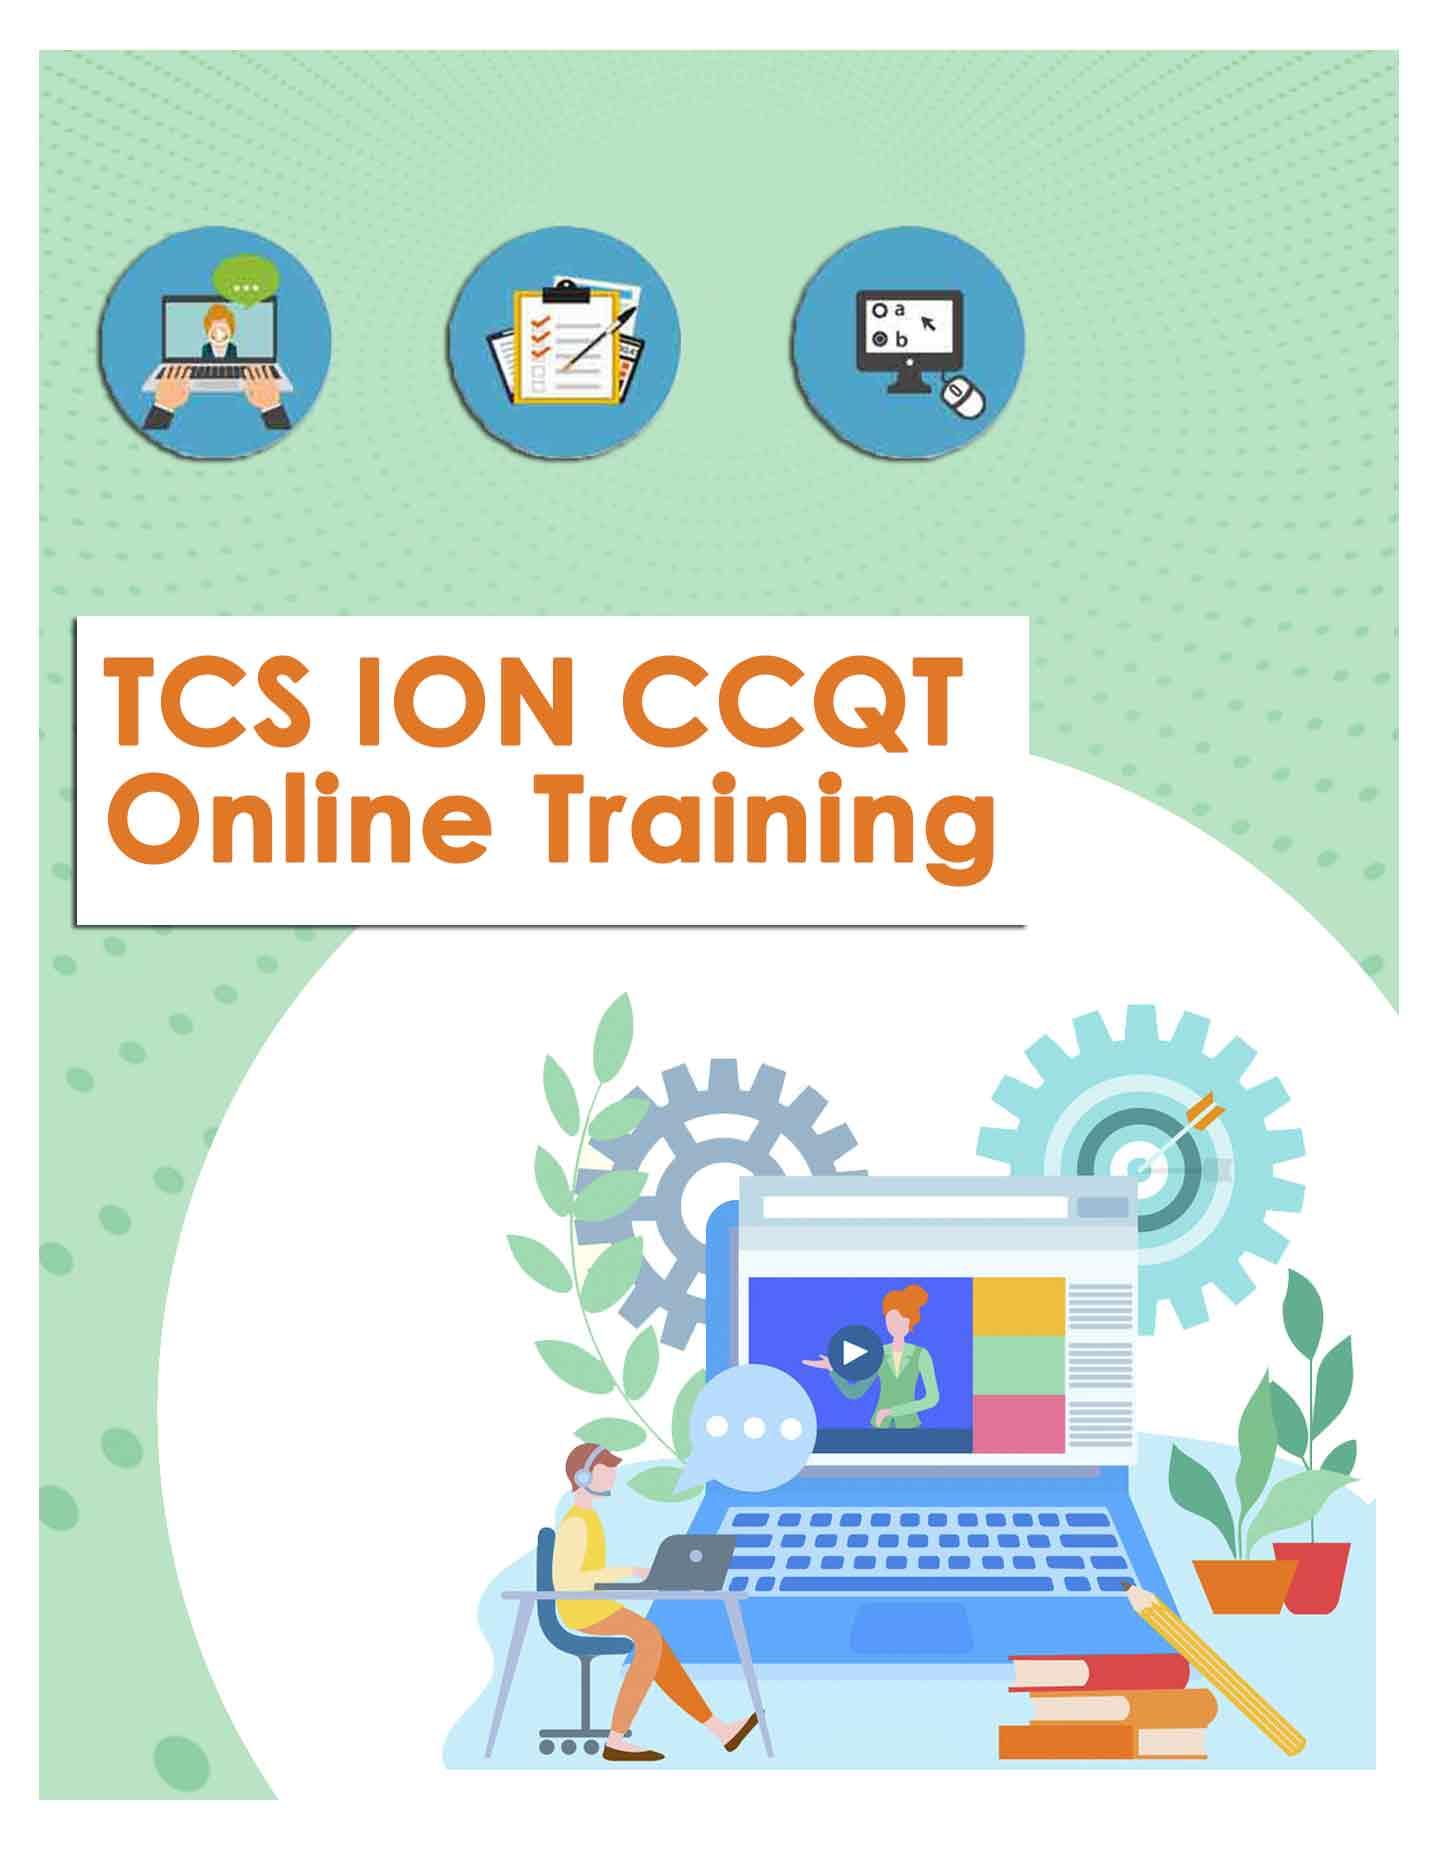 TCS ION CCQT Training